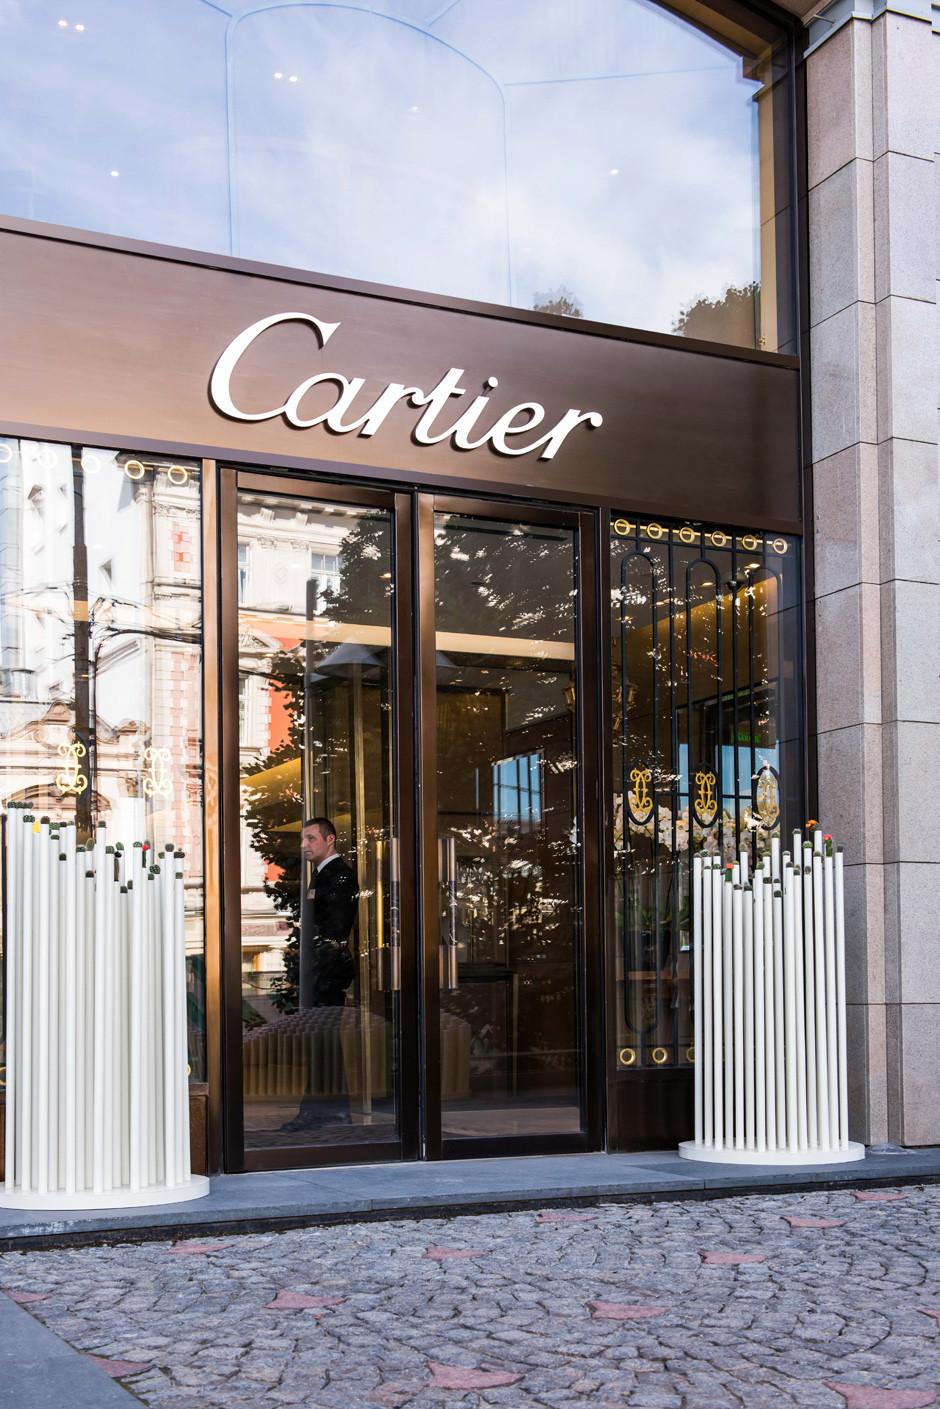 У бутика Cartier на Петровке появилась инсталляция из кактусов | галерея [1] фото [1]